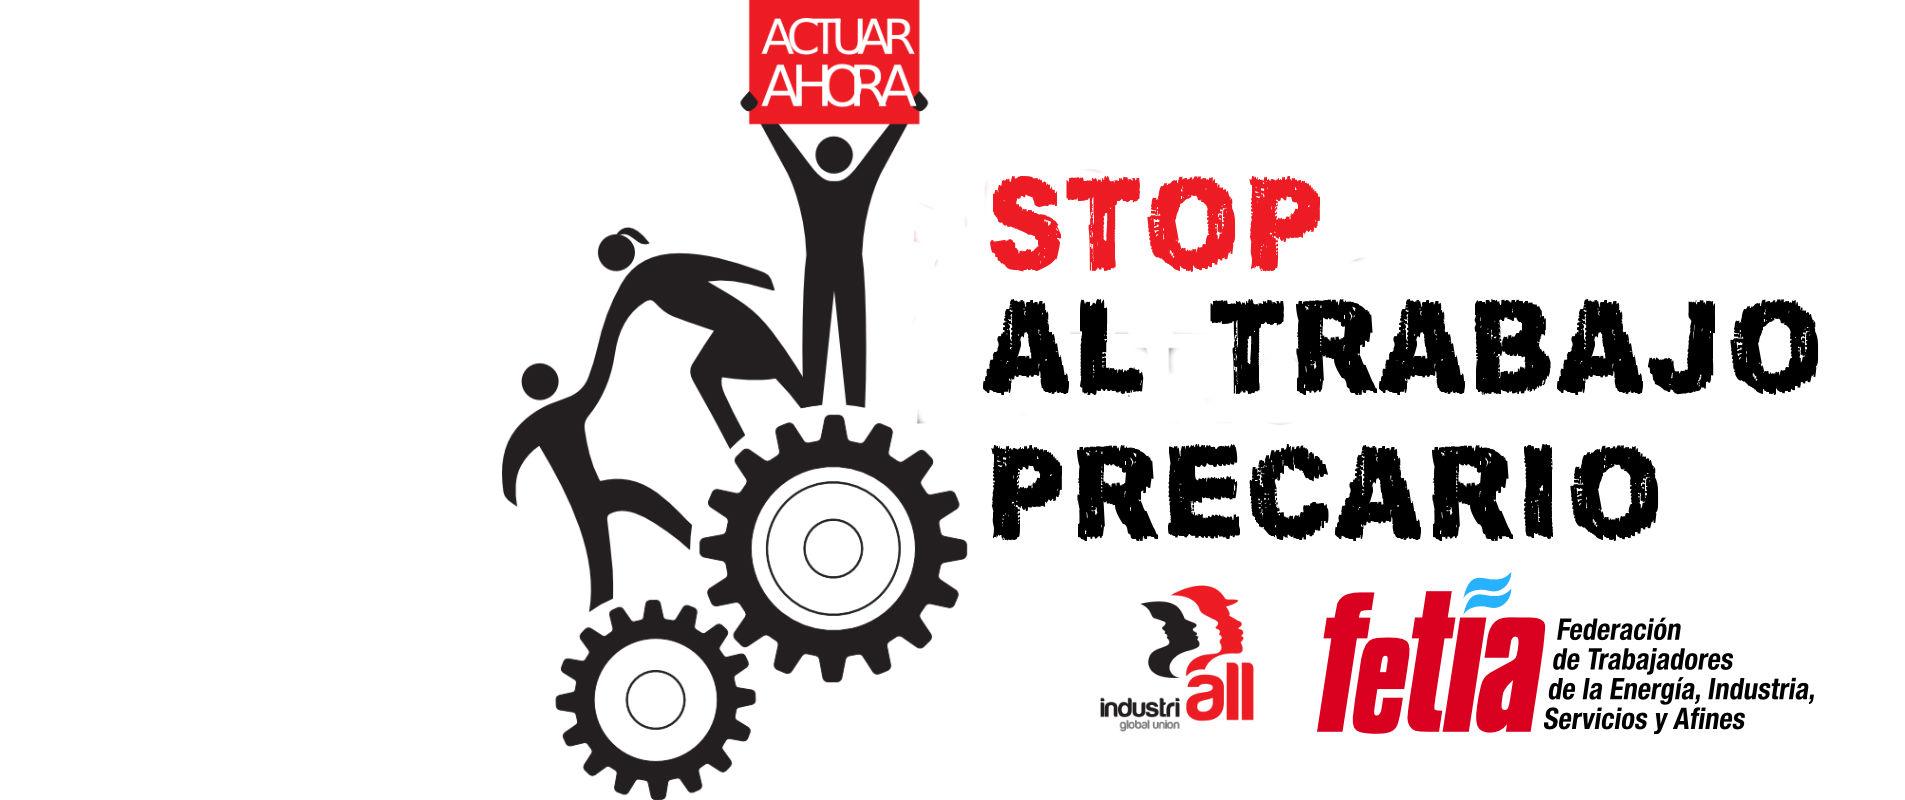 7 de octubre - Jornada mundial contra el trabajo precario